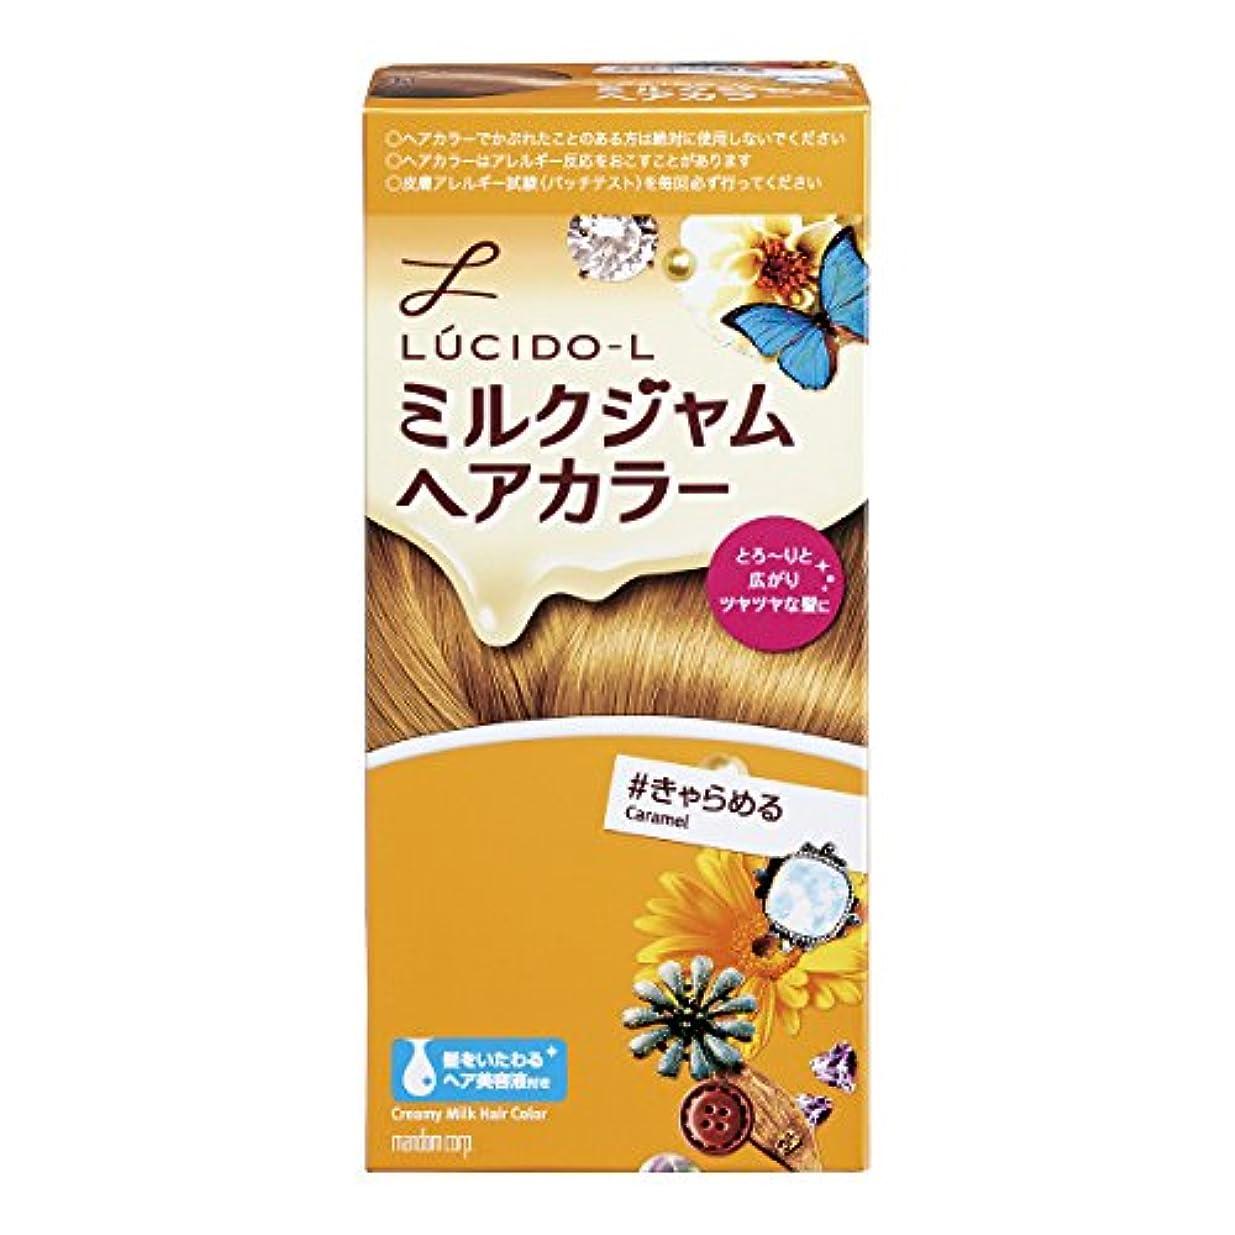 王位フレアビクターLUCIDO-L (ルシードエル) ミルクジャムヘアカラー #きゃらめる (医薬部外品) (1剤40g 2剤80mL TR5g)